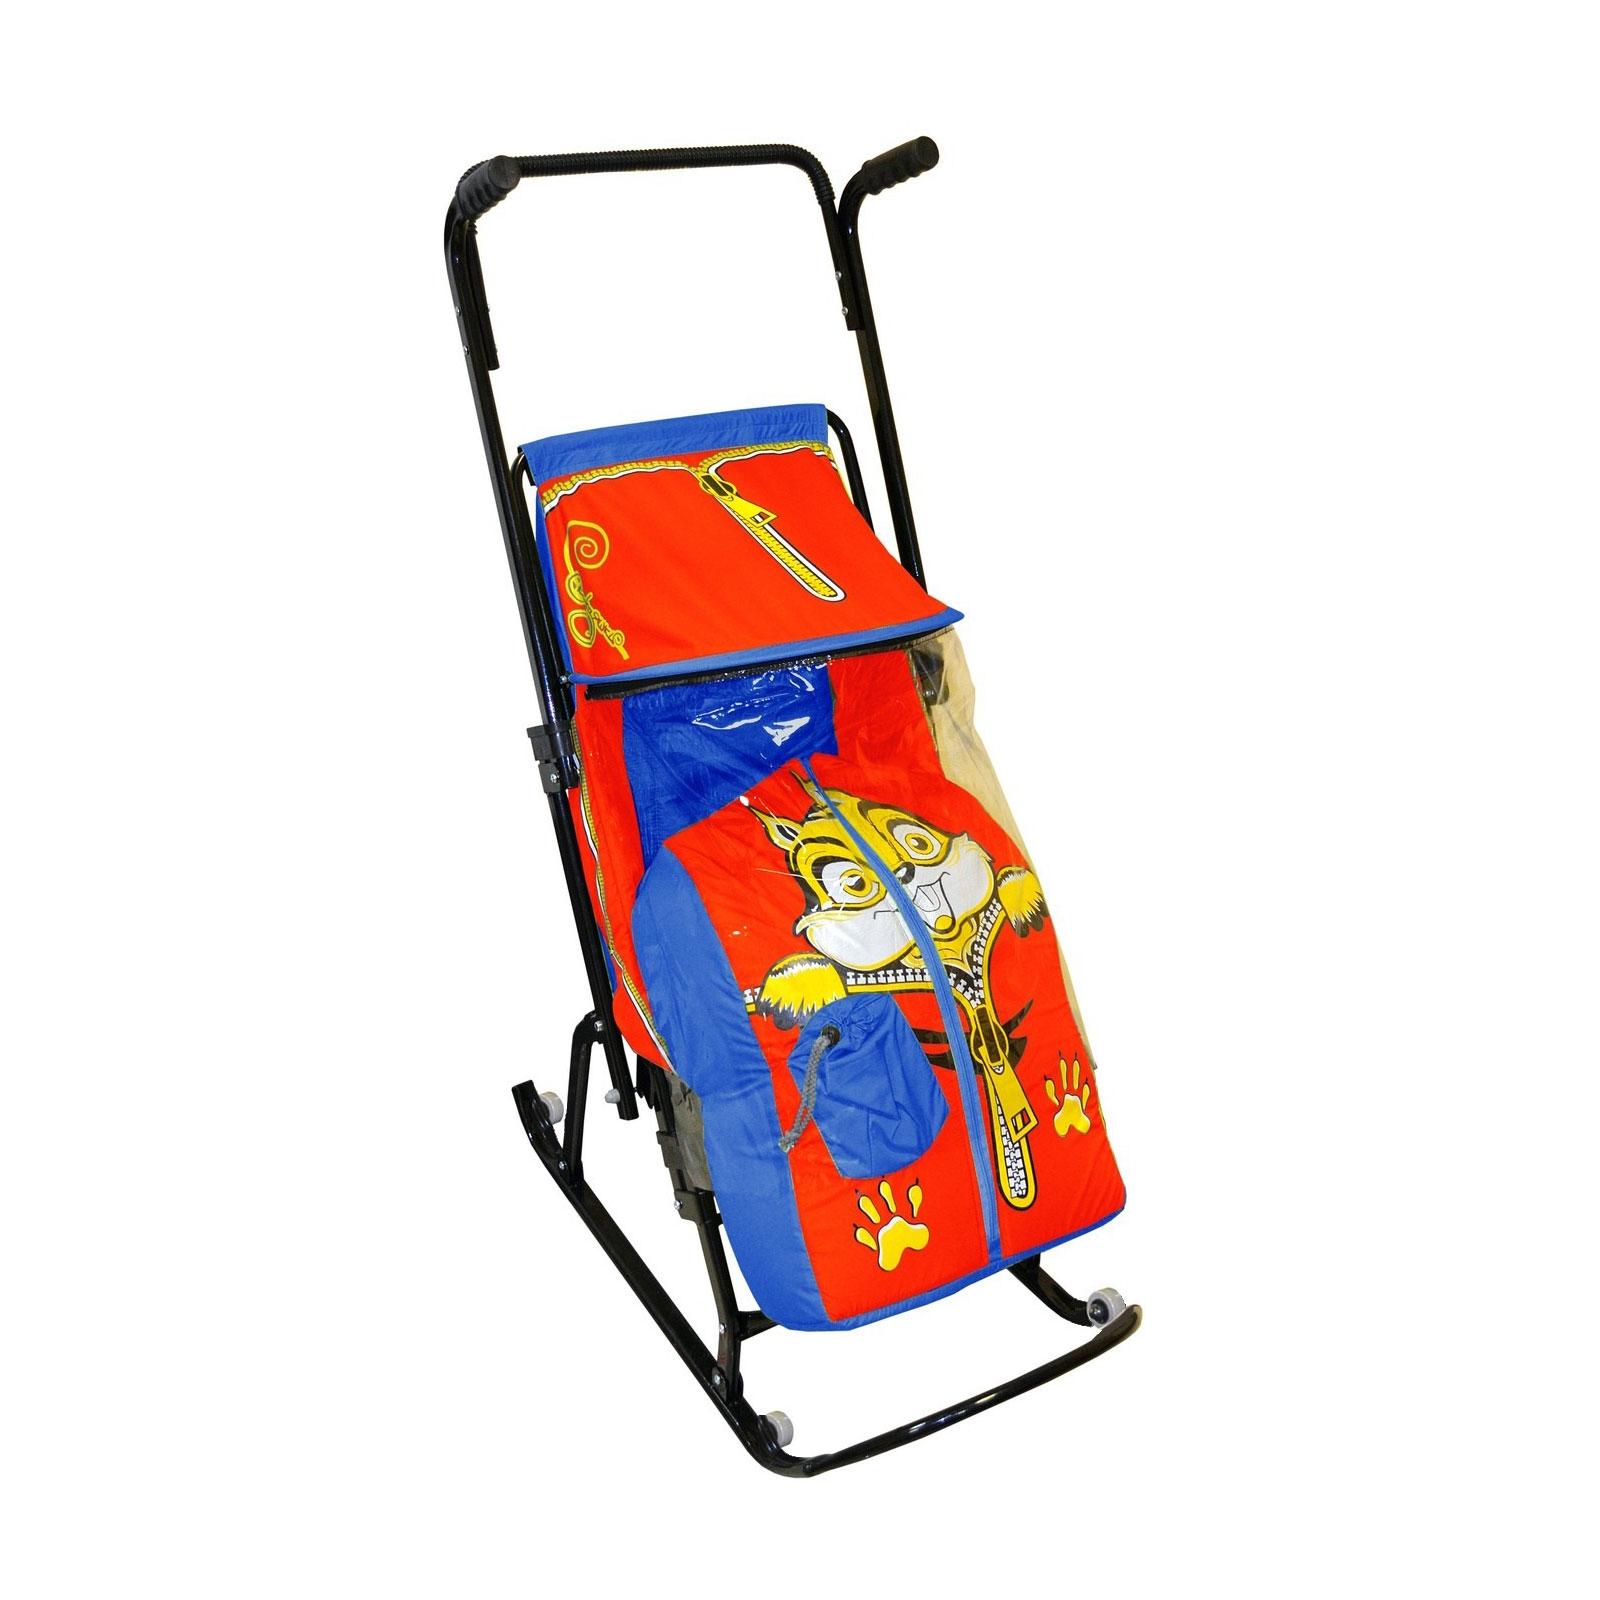 Санки-коляска Снегурочка 4-Р Бельчонок Синие с красным